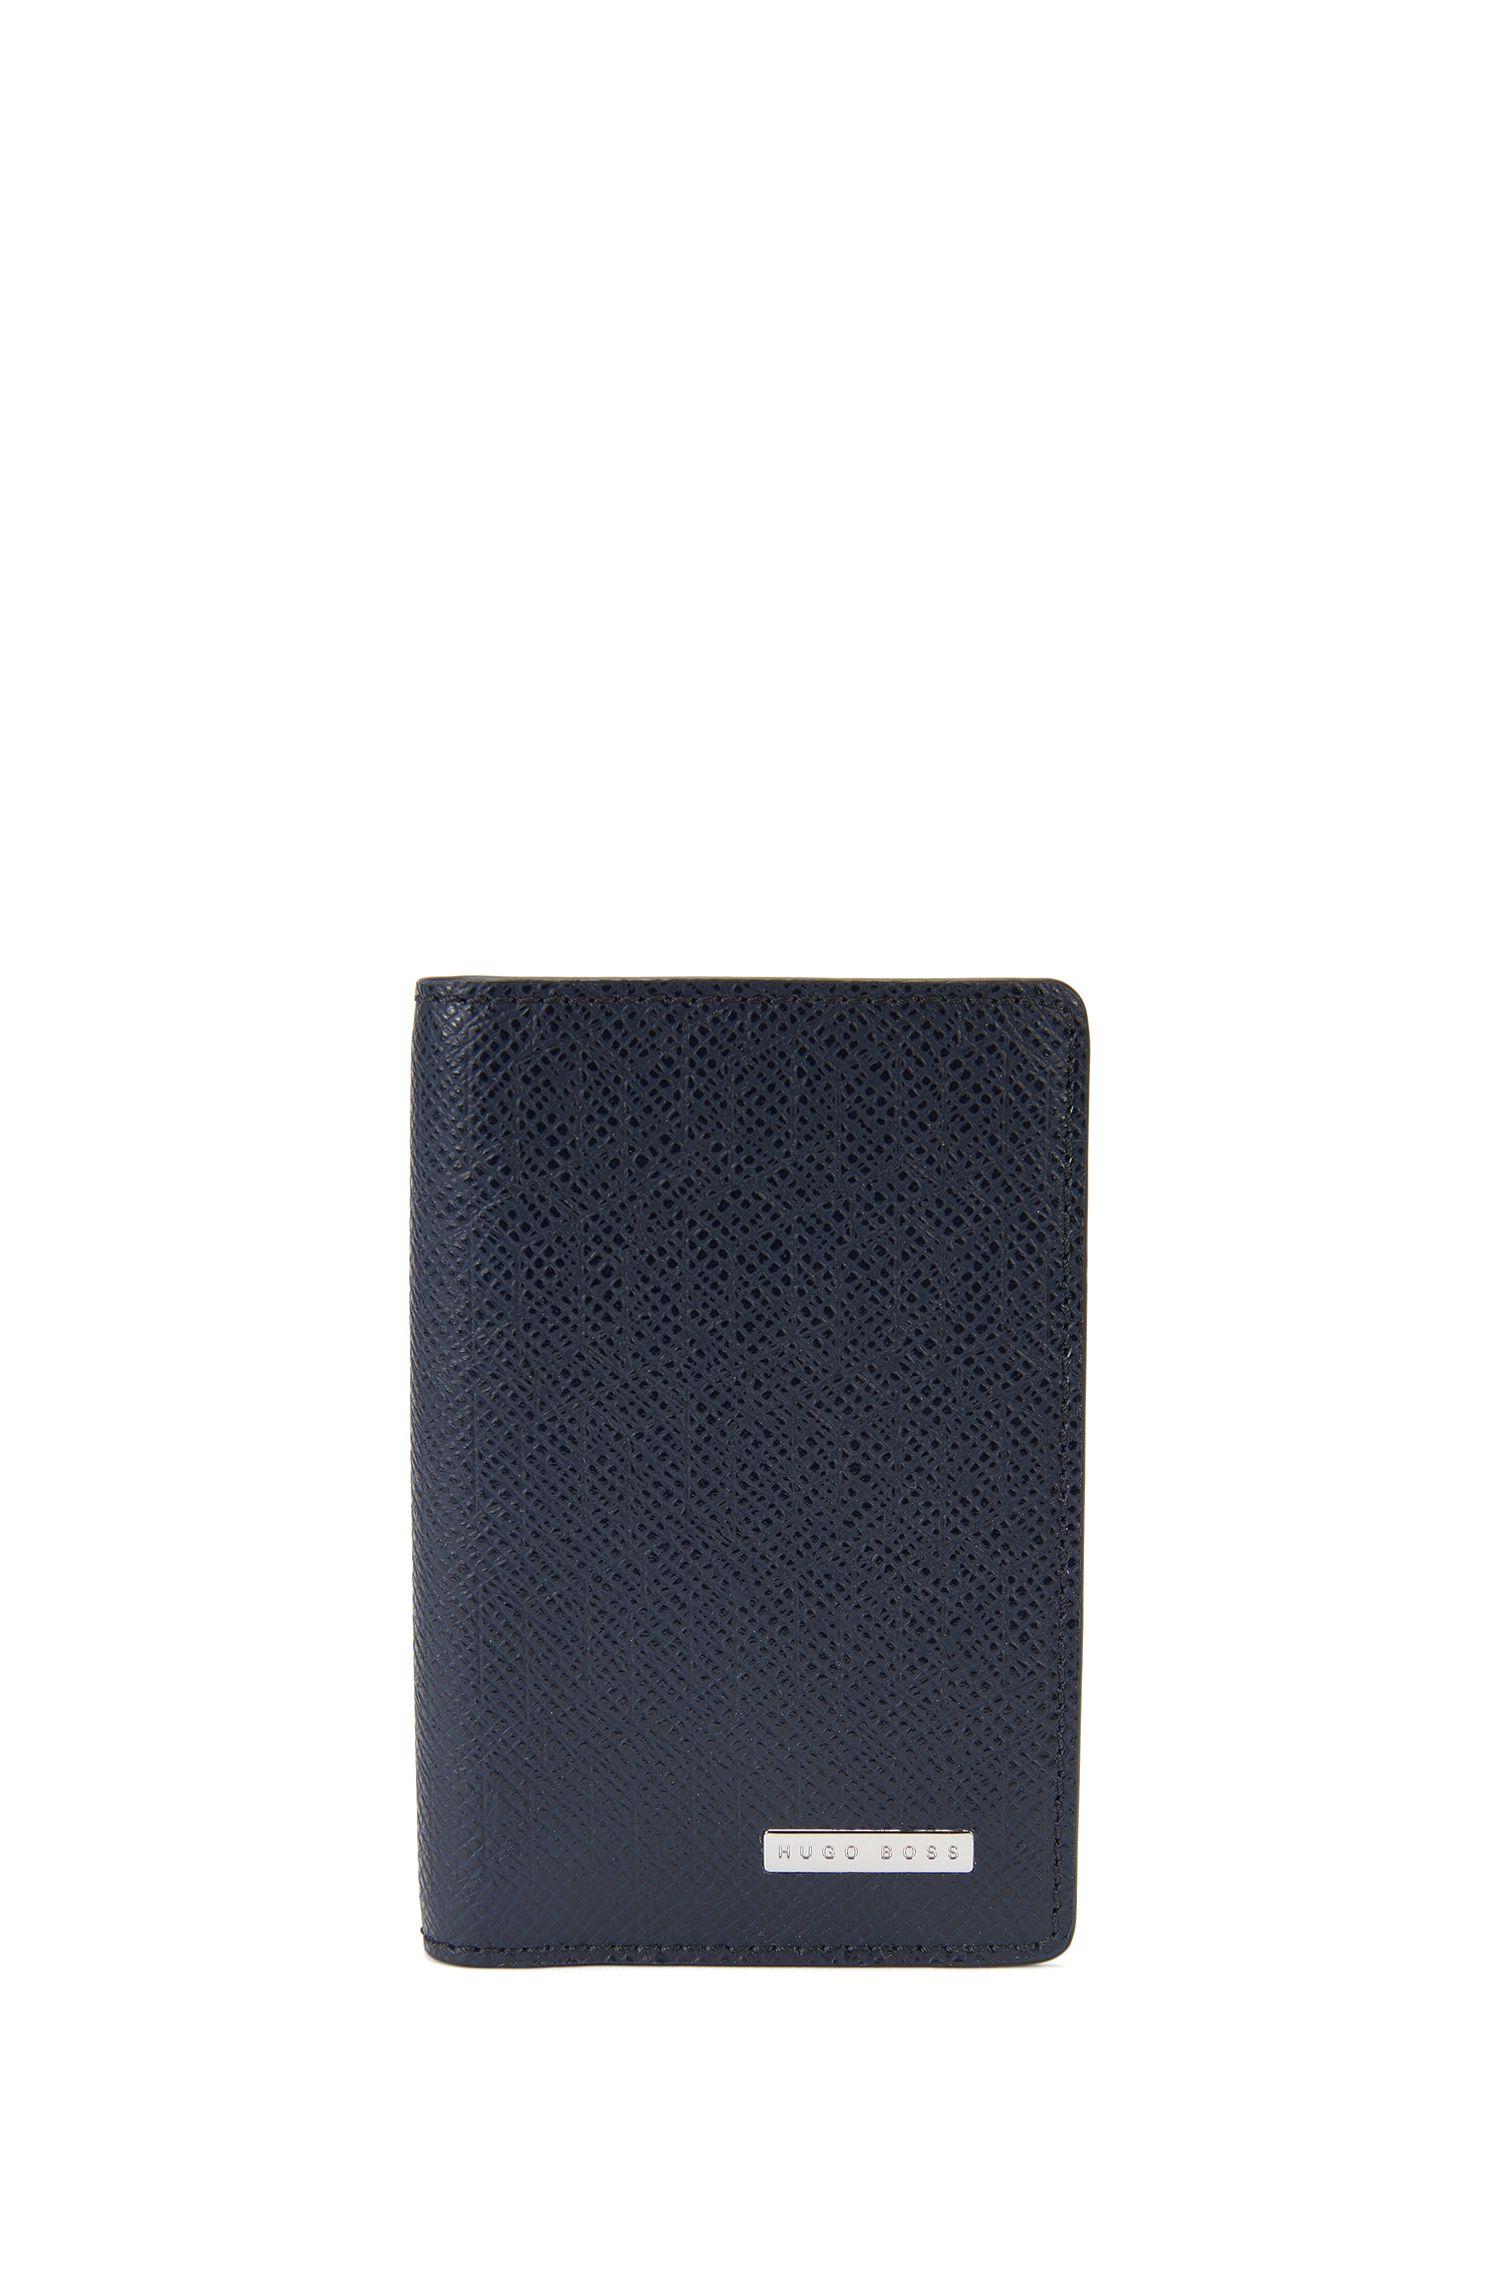 Längliches Kartenetui aus Palmellato-Leder aus der Signature Holiday Edition